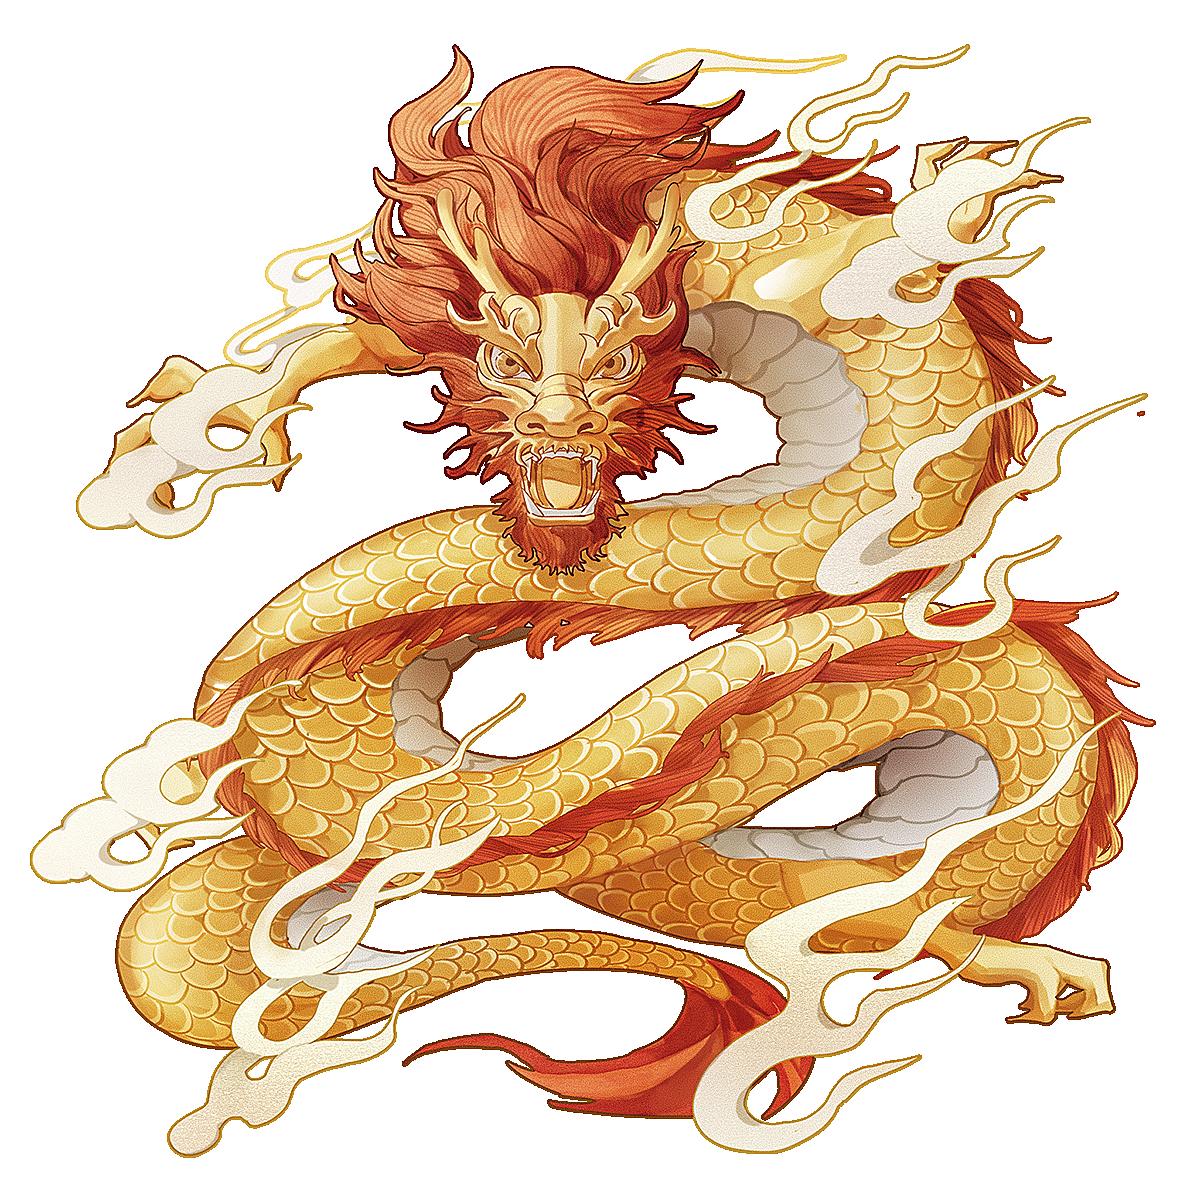 中国风-金色国潮动物元素-龙